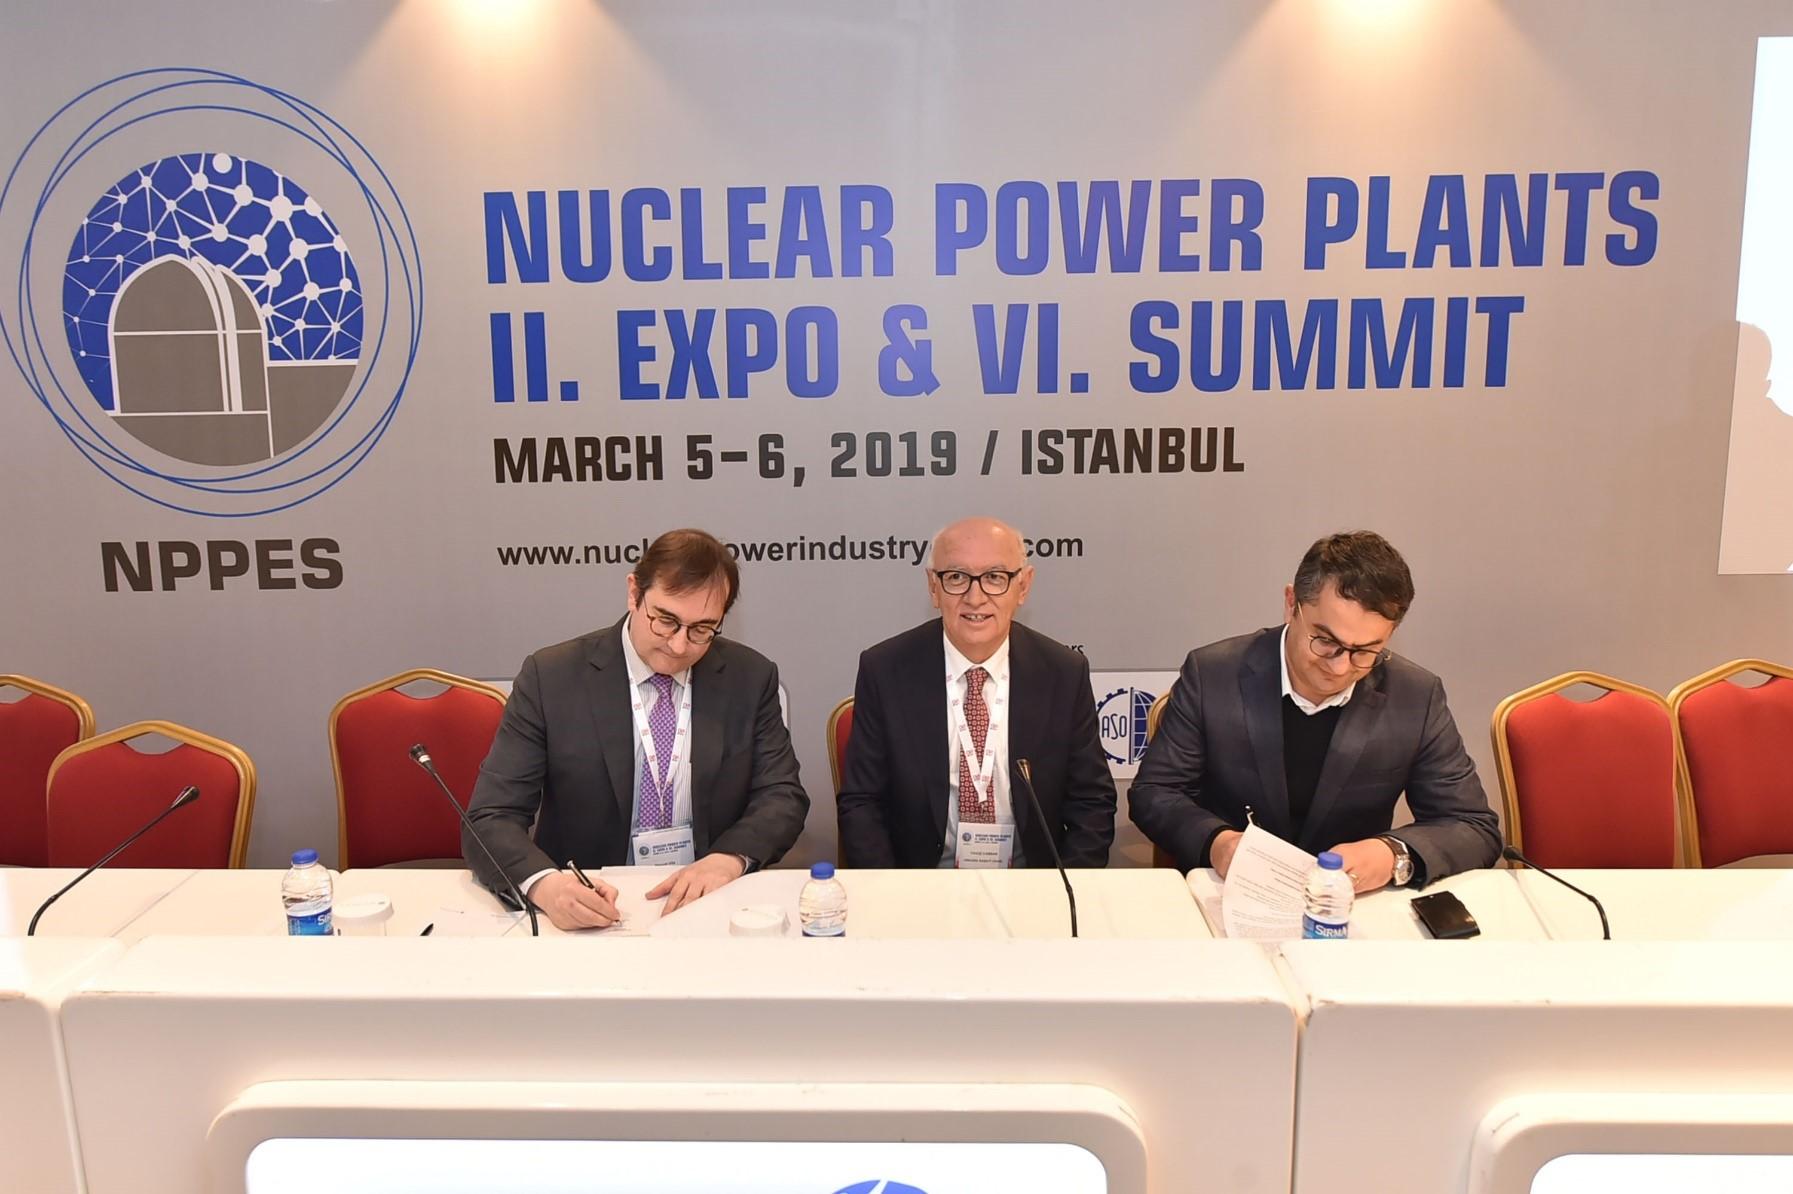 Newtesol, empresa miembro del Clúster, primera empresa española en establecer una joint venture en Turquía para involucrarse en su programa nuclear.